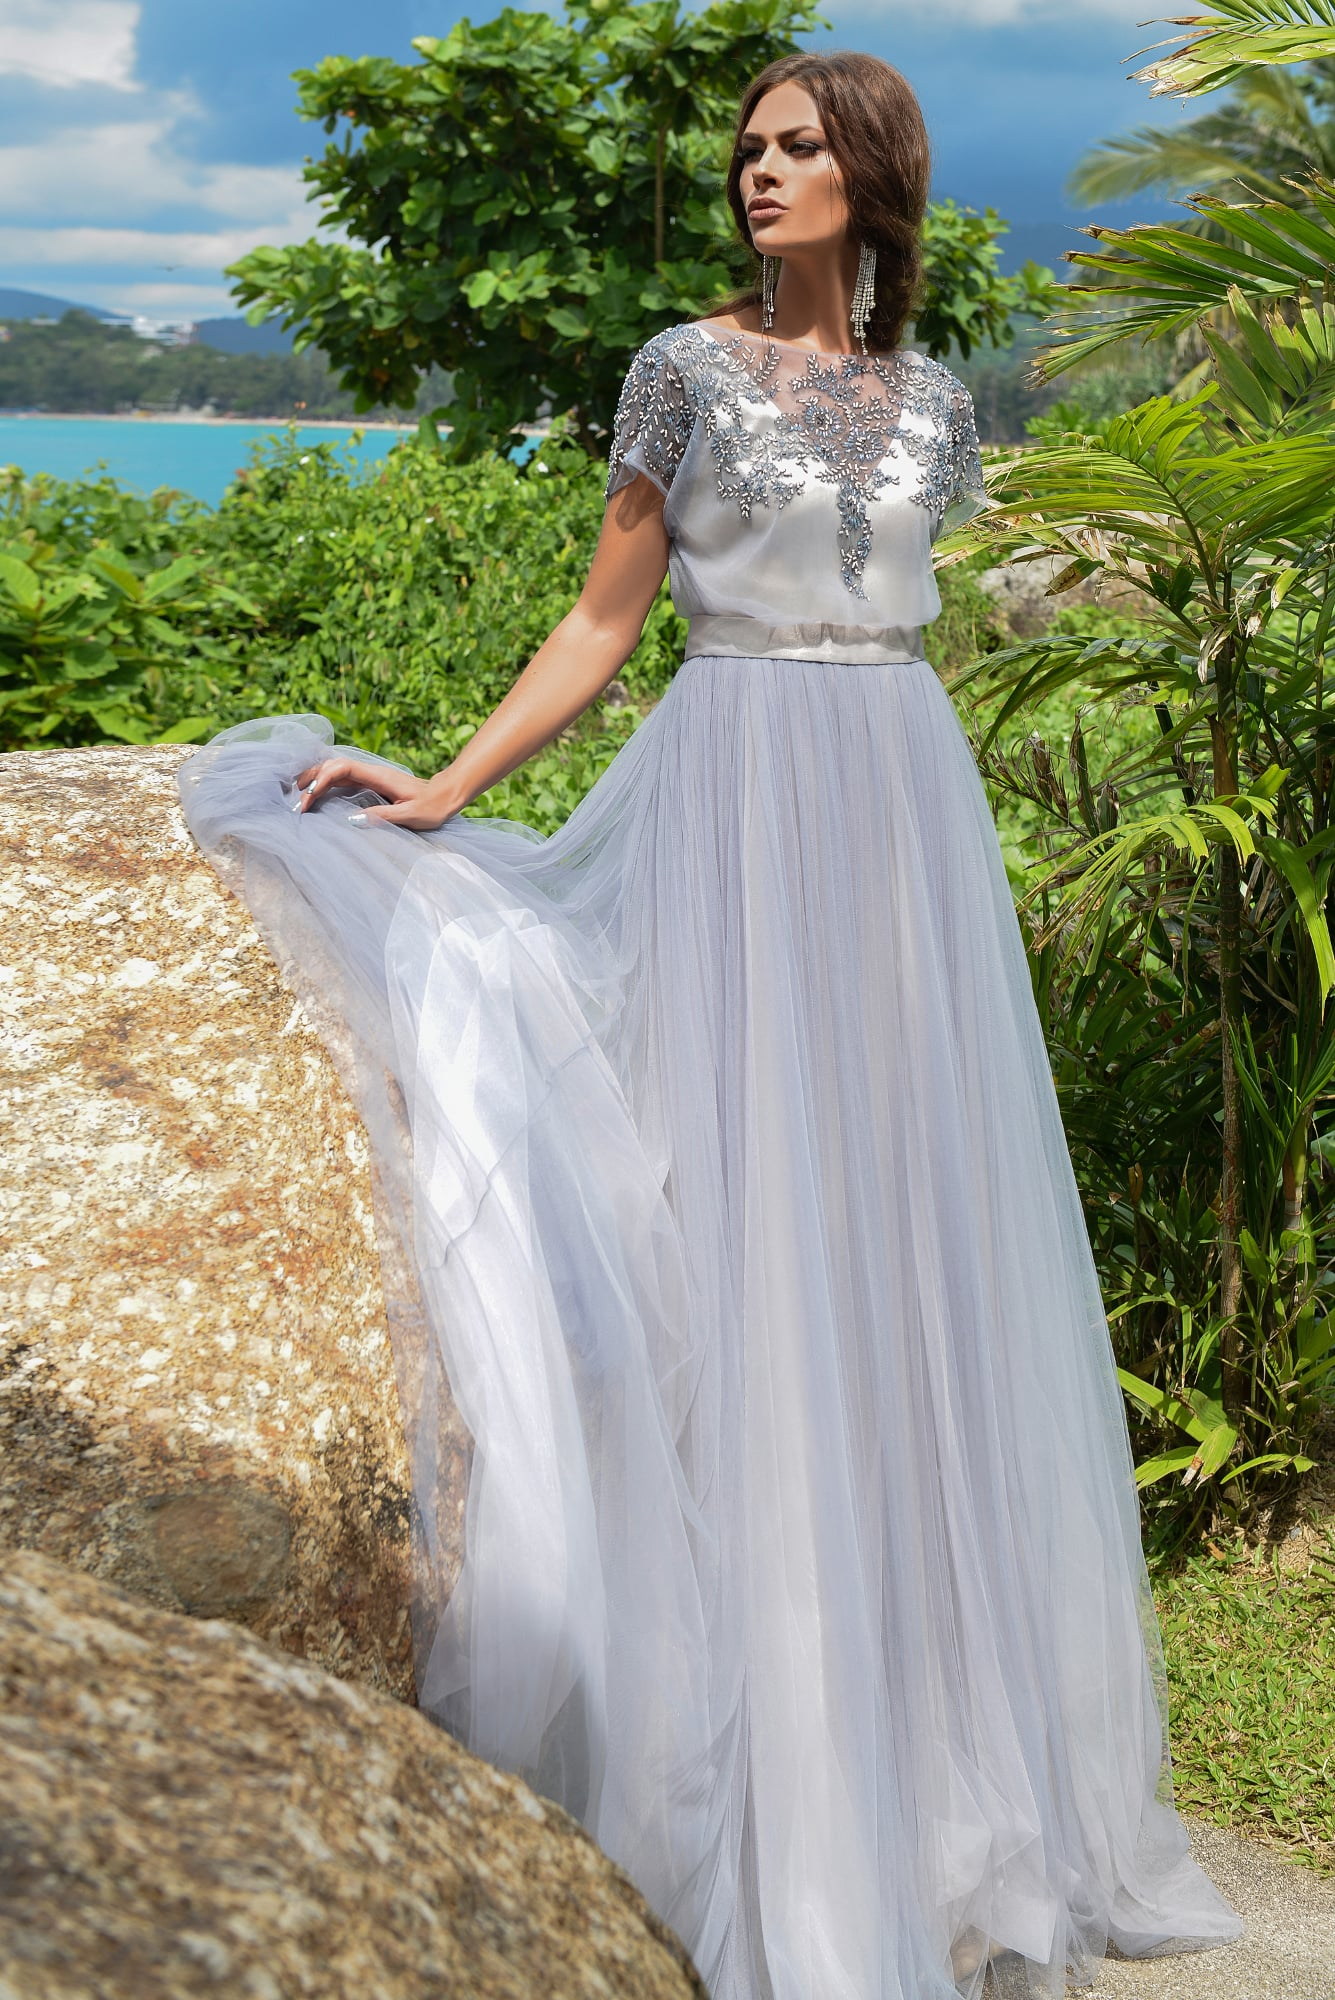 Дымчато-серое свадебное платье с пышной юбкой и сверкающим декором по верху. ead0b92b6b8